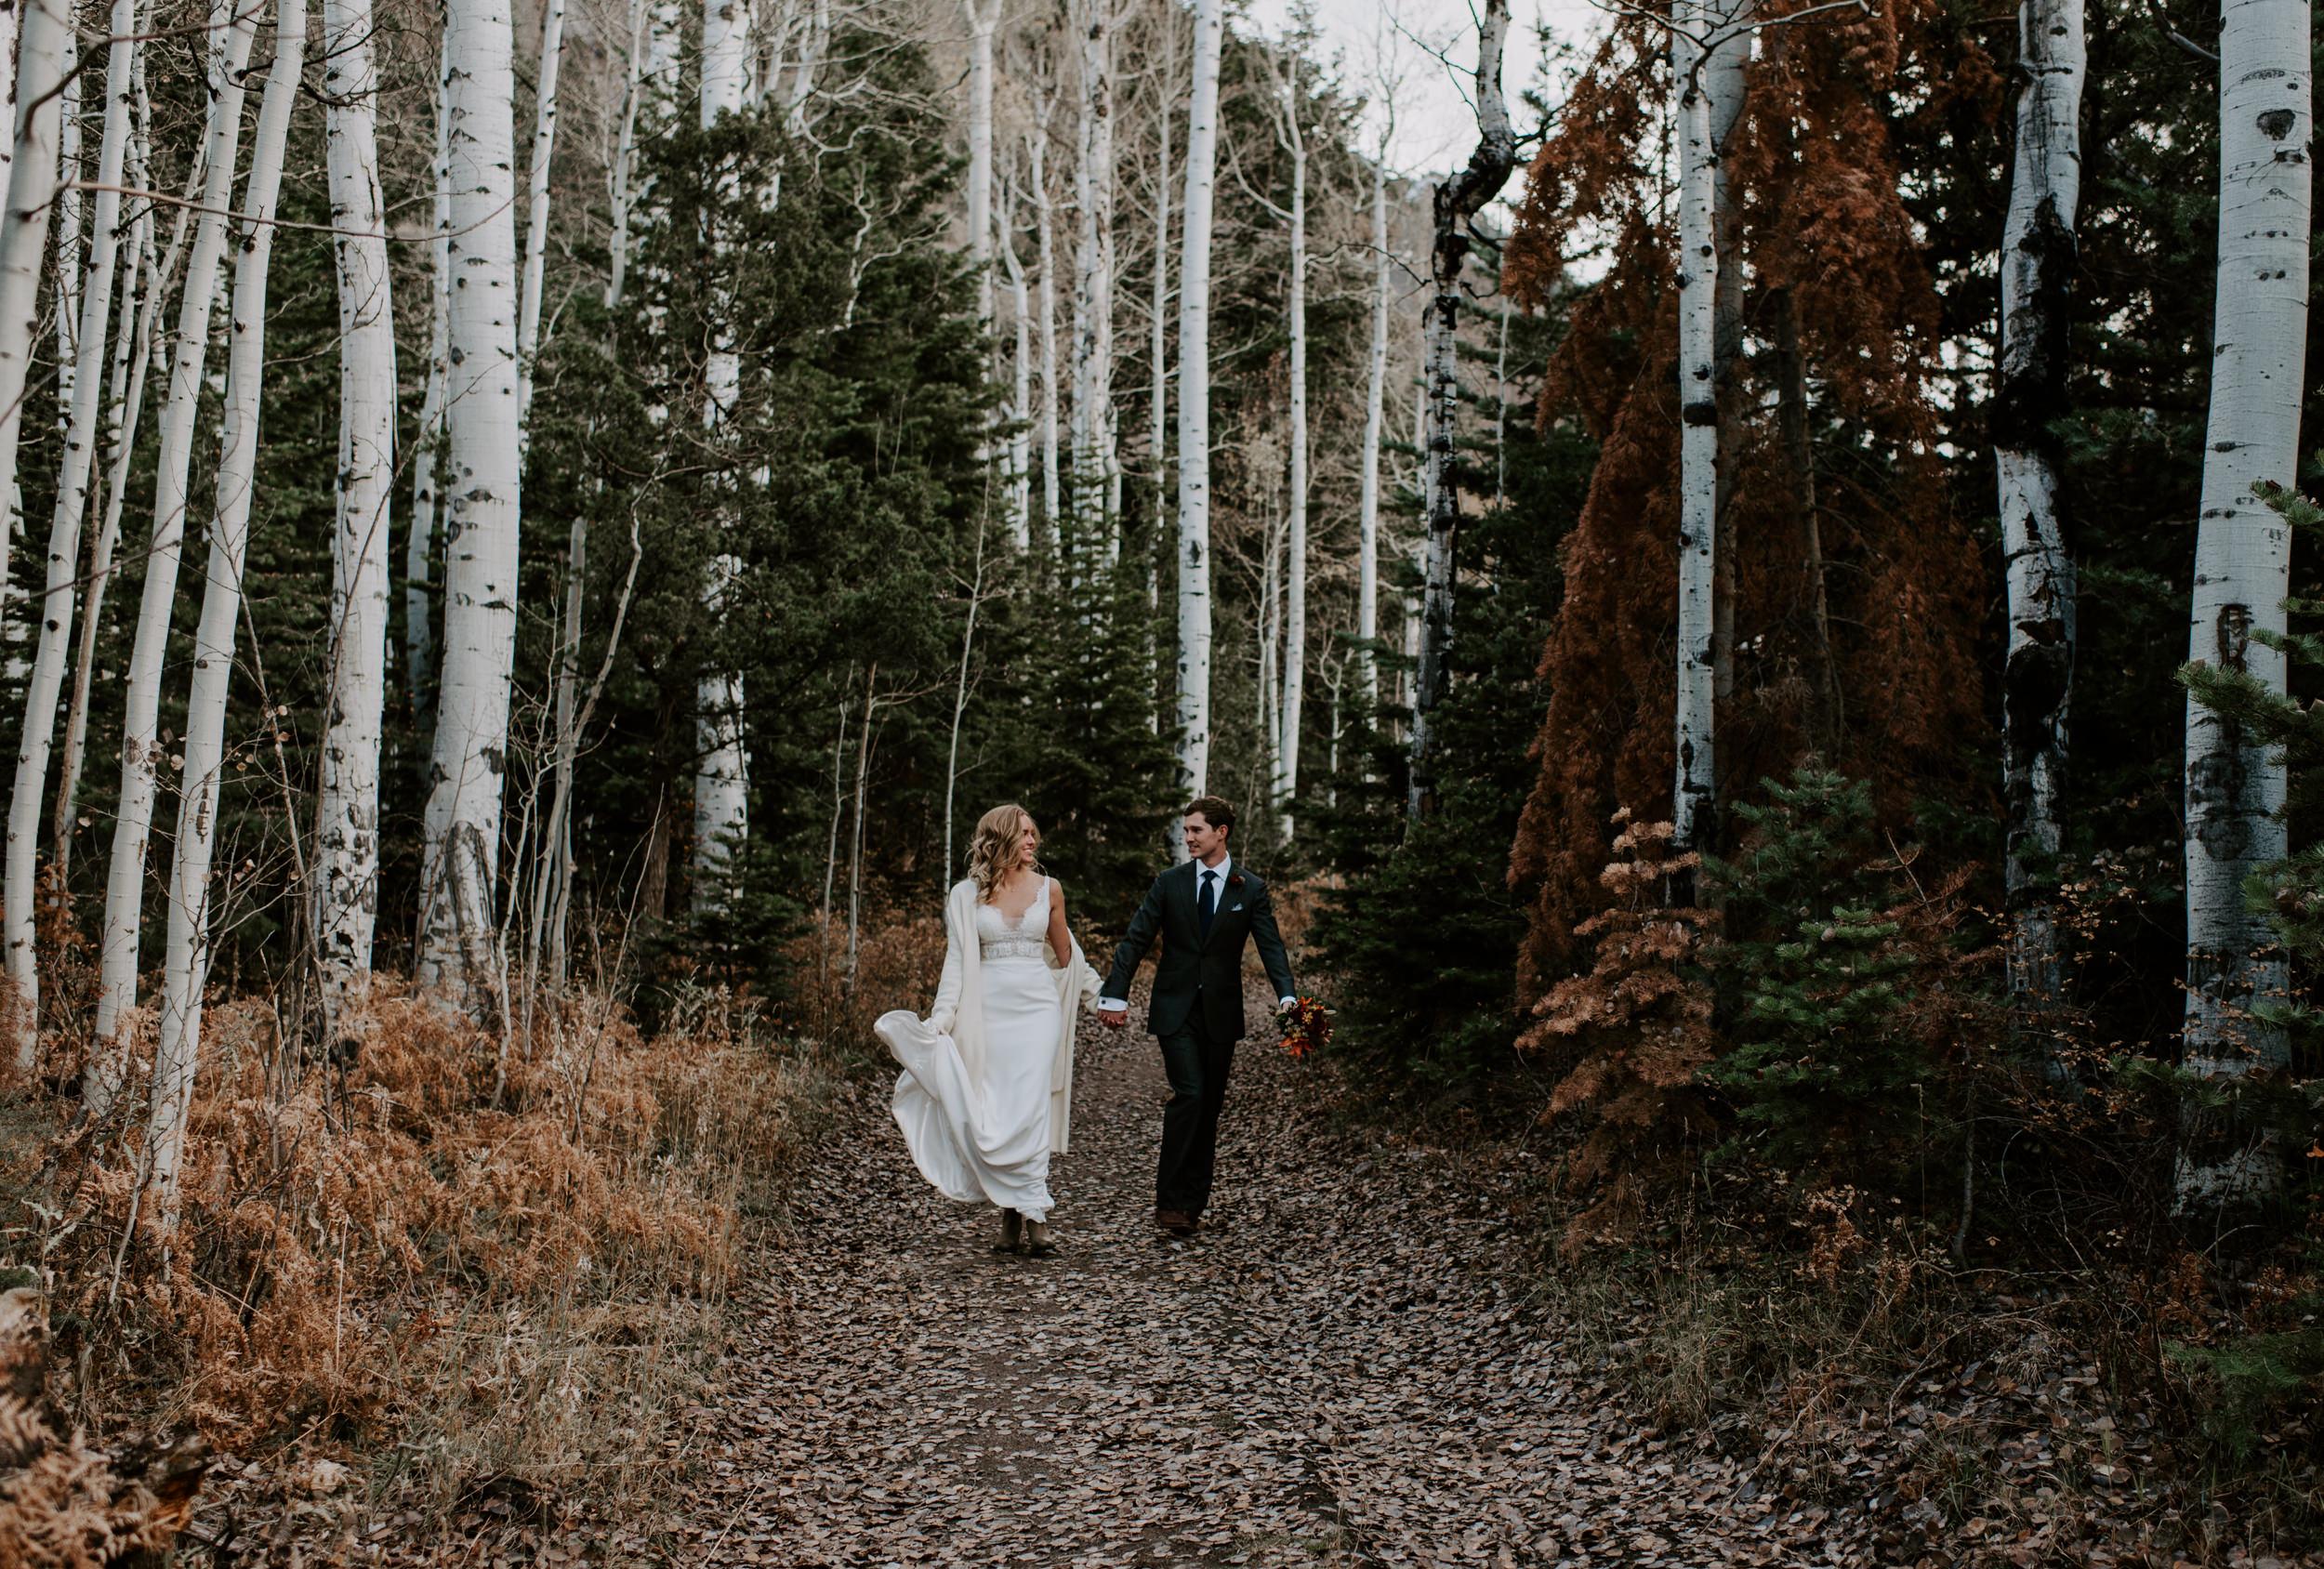 Fall Colorado elopement in Ouray, Colorado. Colorado mountain elopement photographer, Alyssa Reinhold.